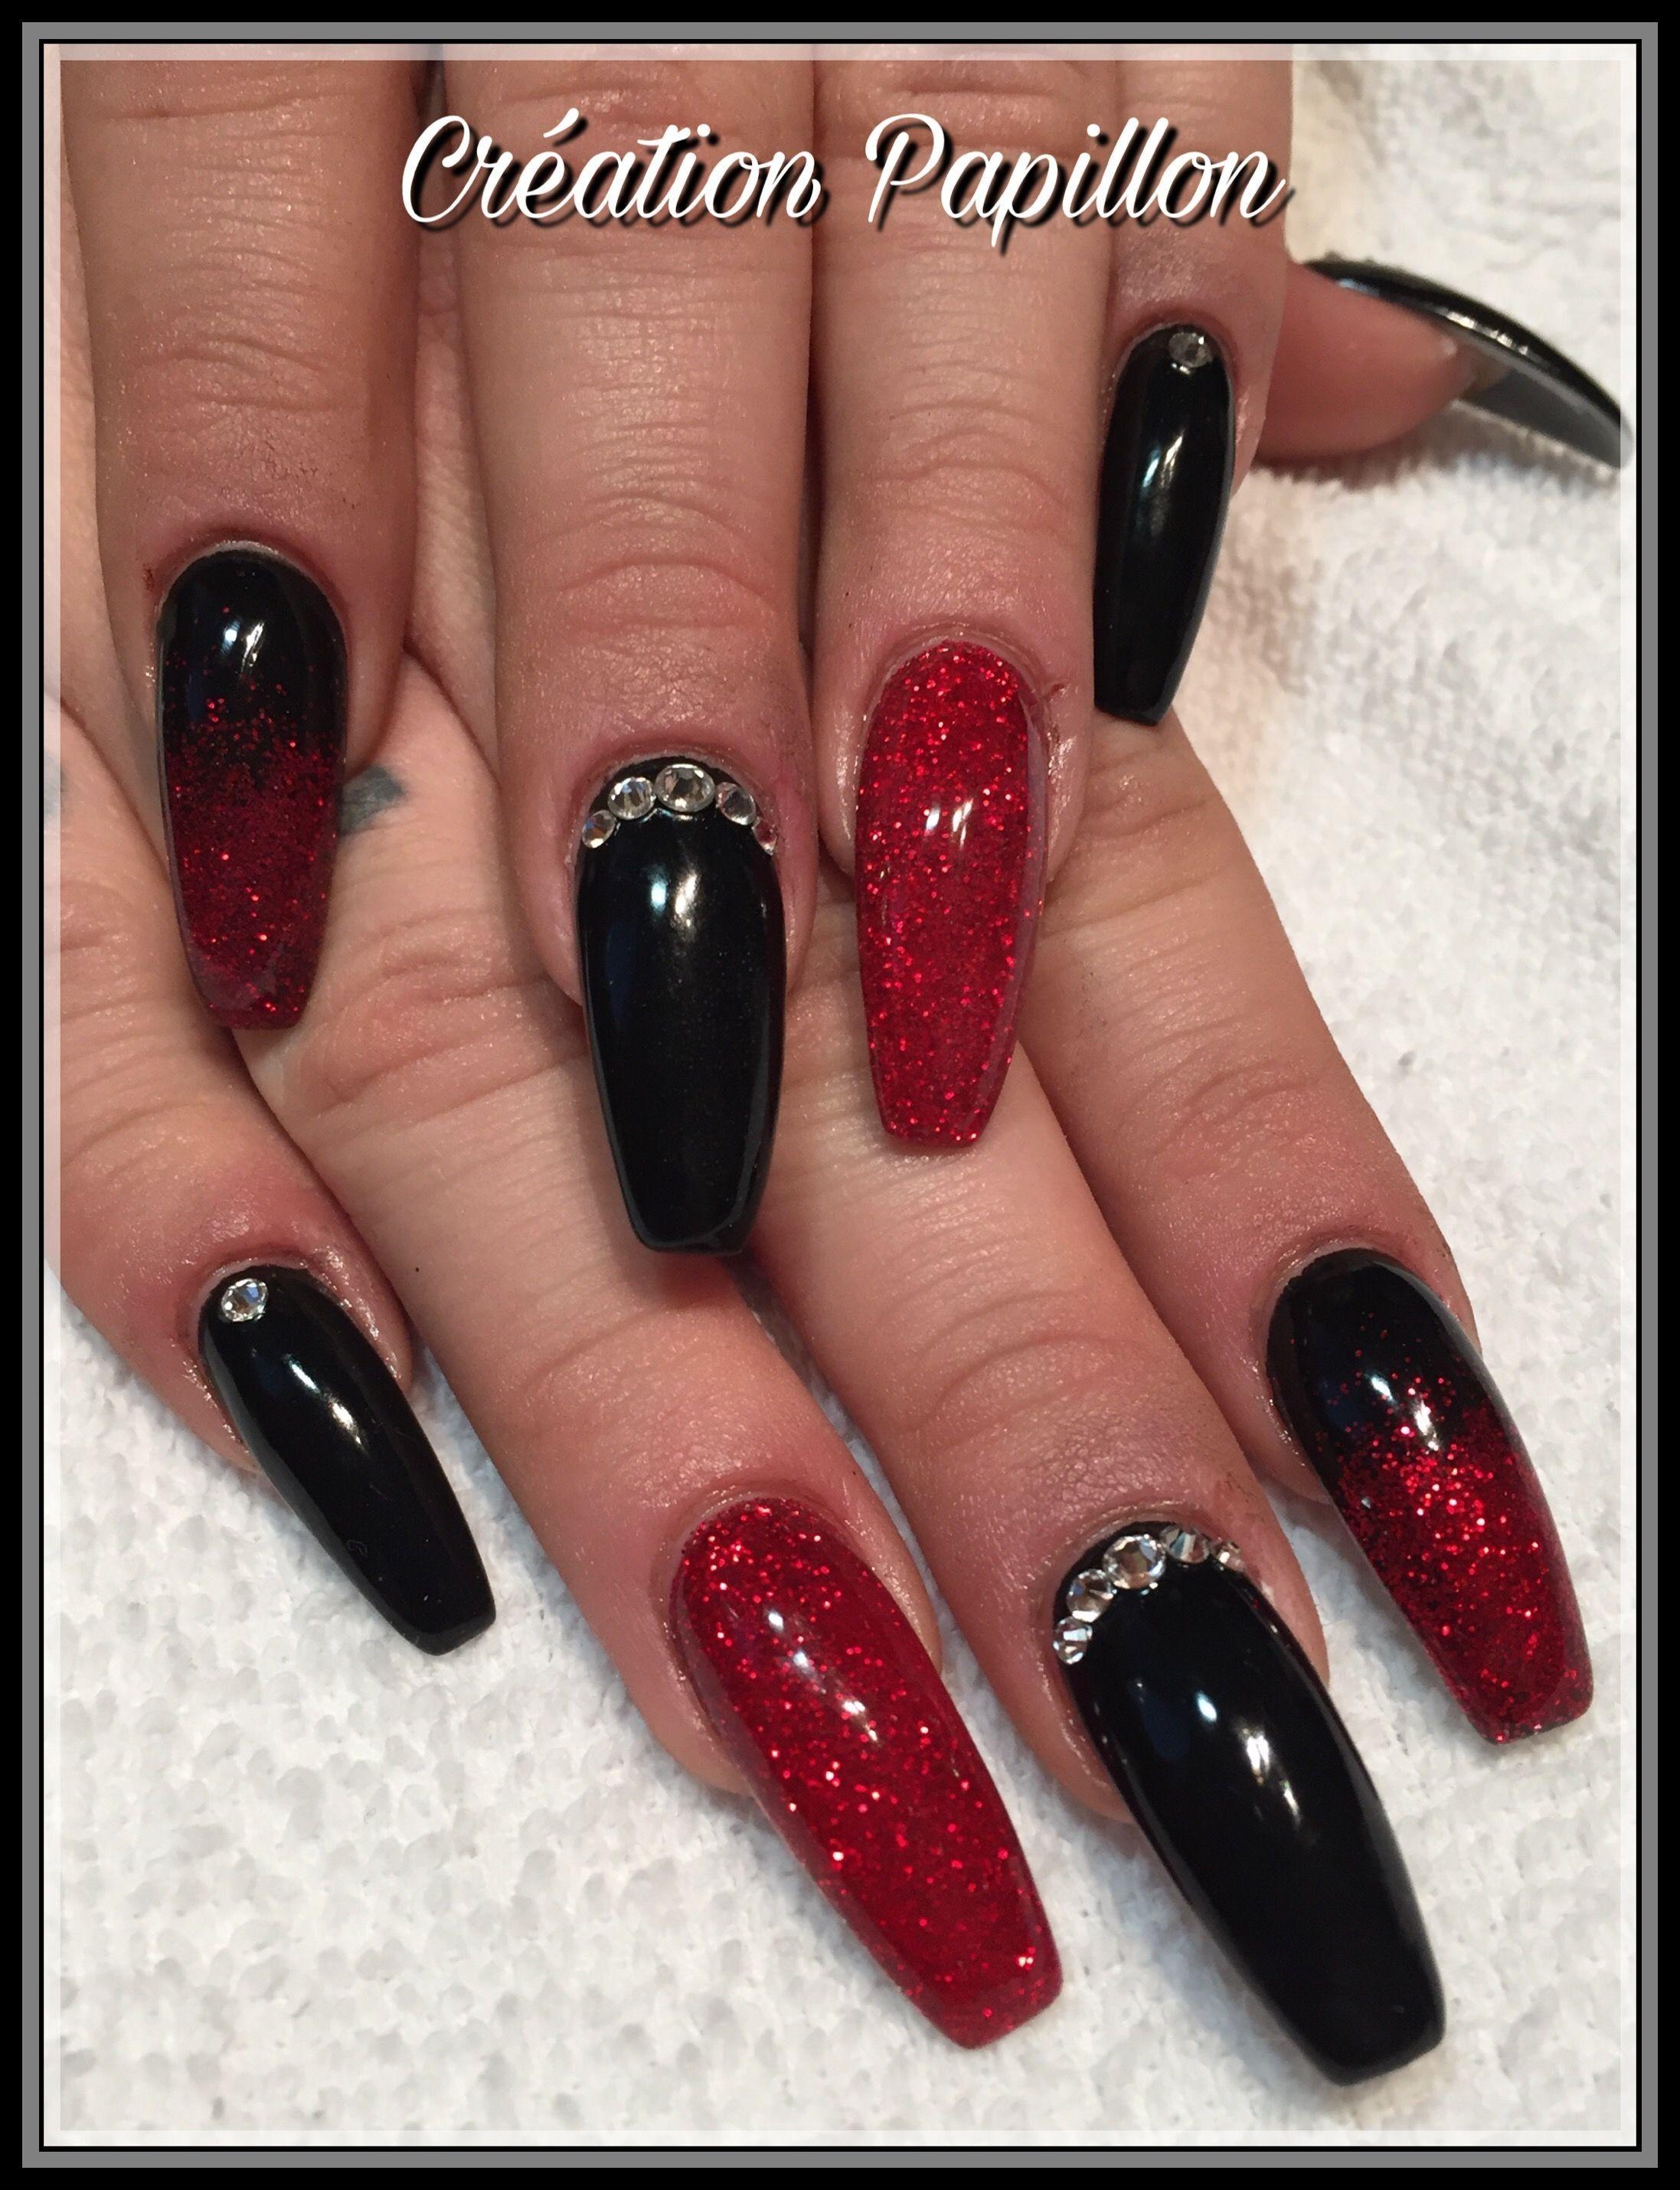 Red Glitter Nail Designs Divanailsandbeauty Red Nail Designs Coffin Nails Designs Nail Designs Glitter